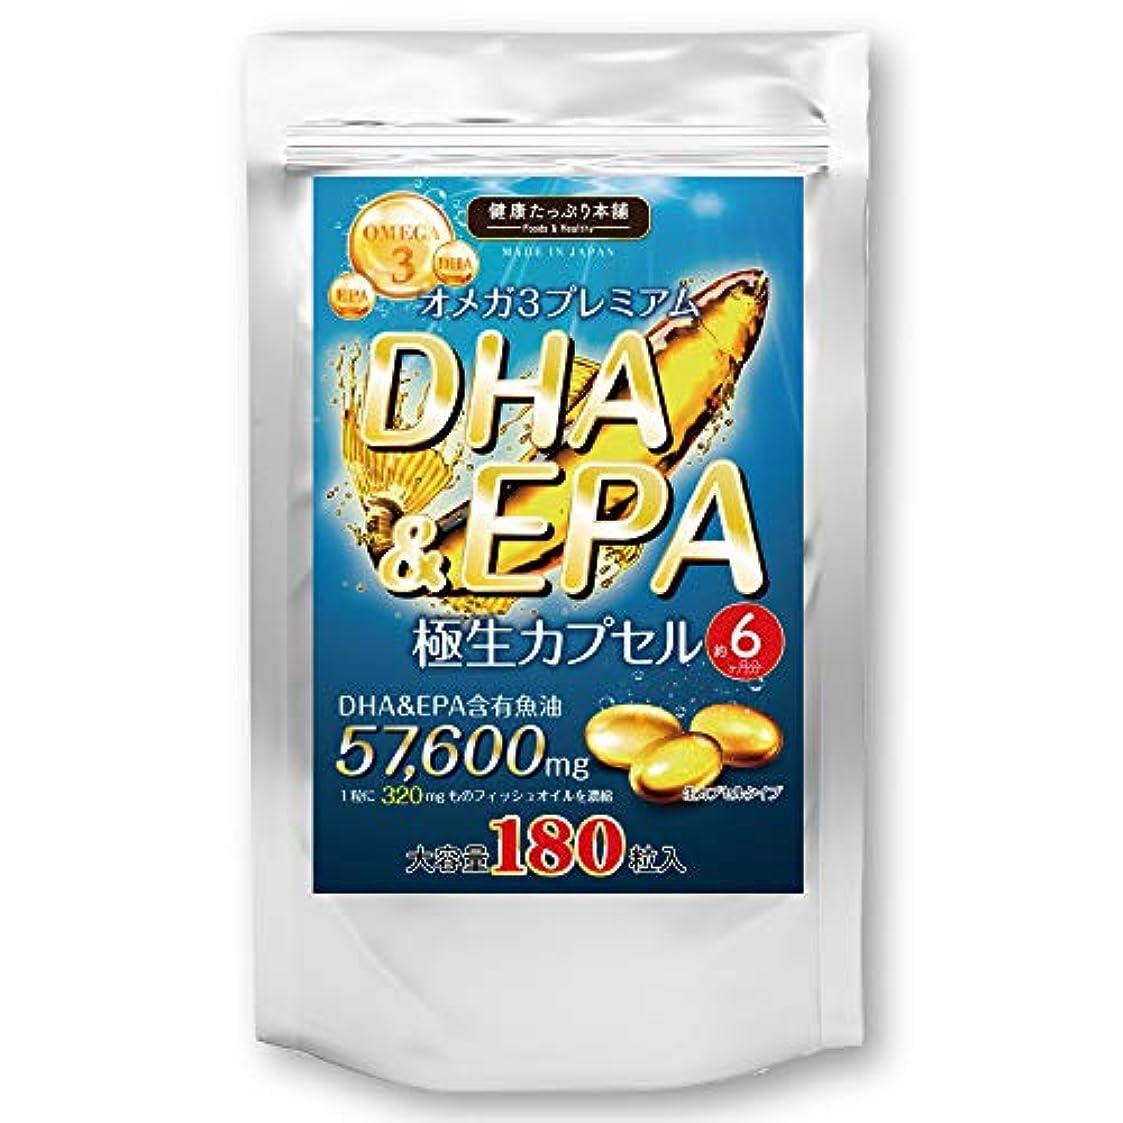 道を作るかまど懇願するオメガ3プレミアム DHA&EPA 極生ソフトカプセル 大容量約6ヶ月分/180粒(DHA含有魚油?EPA含有魚油)